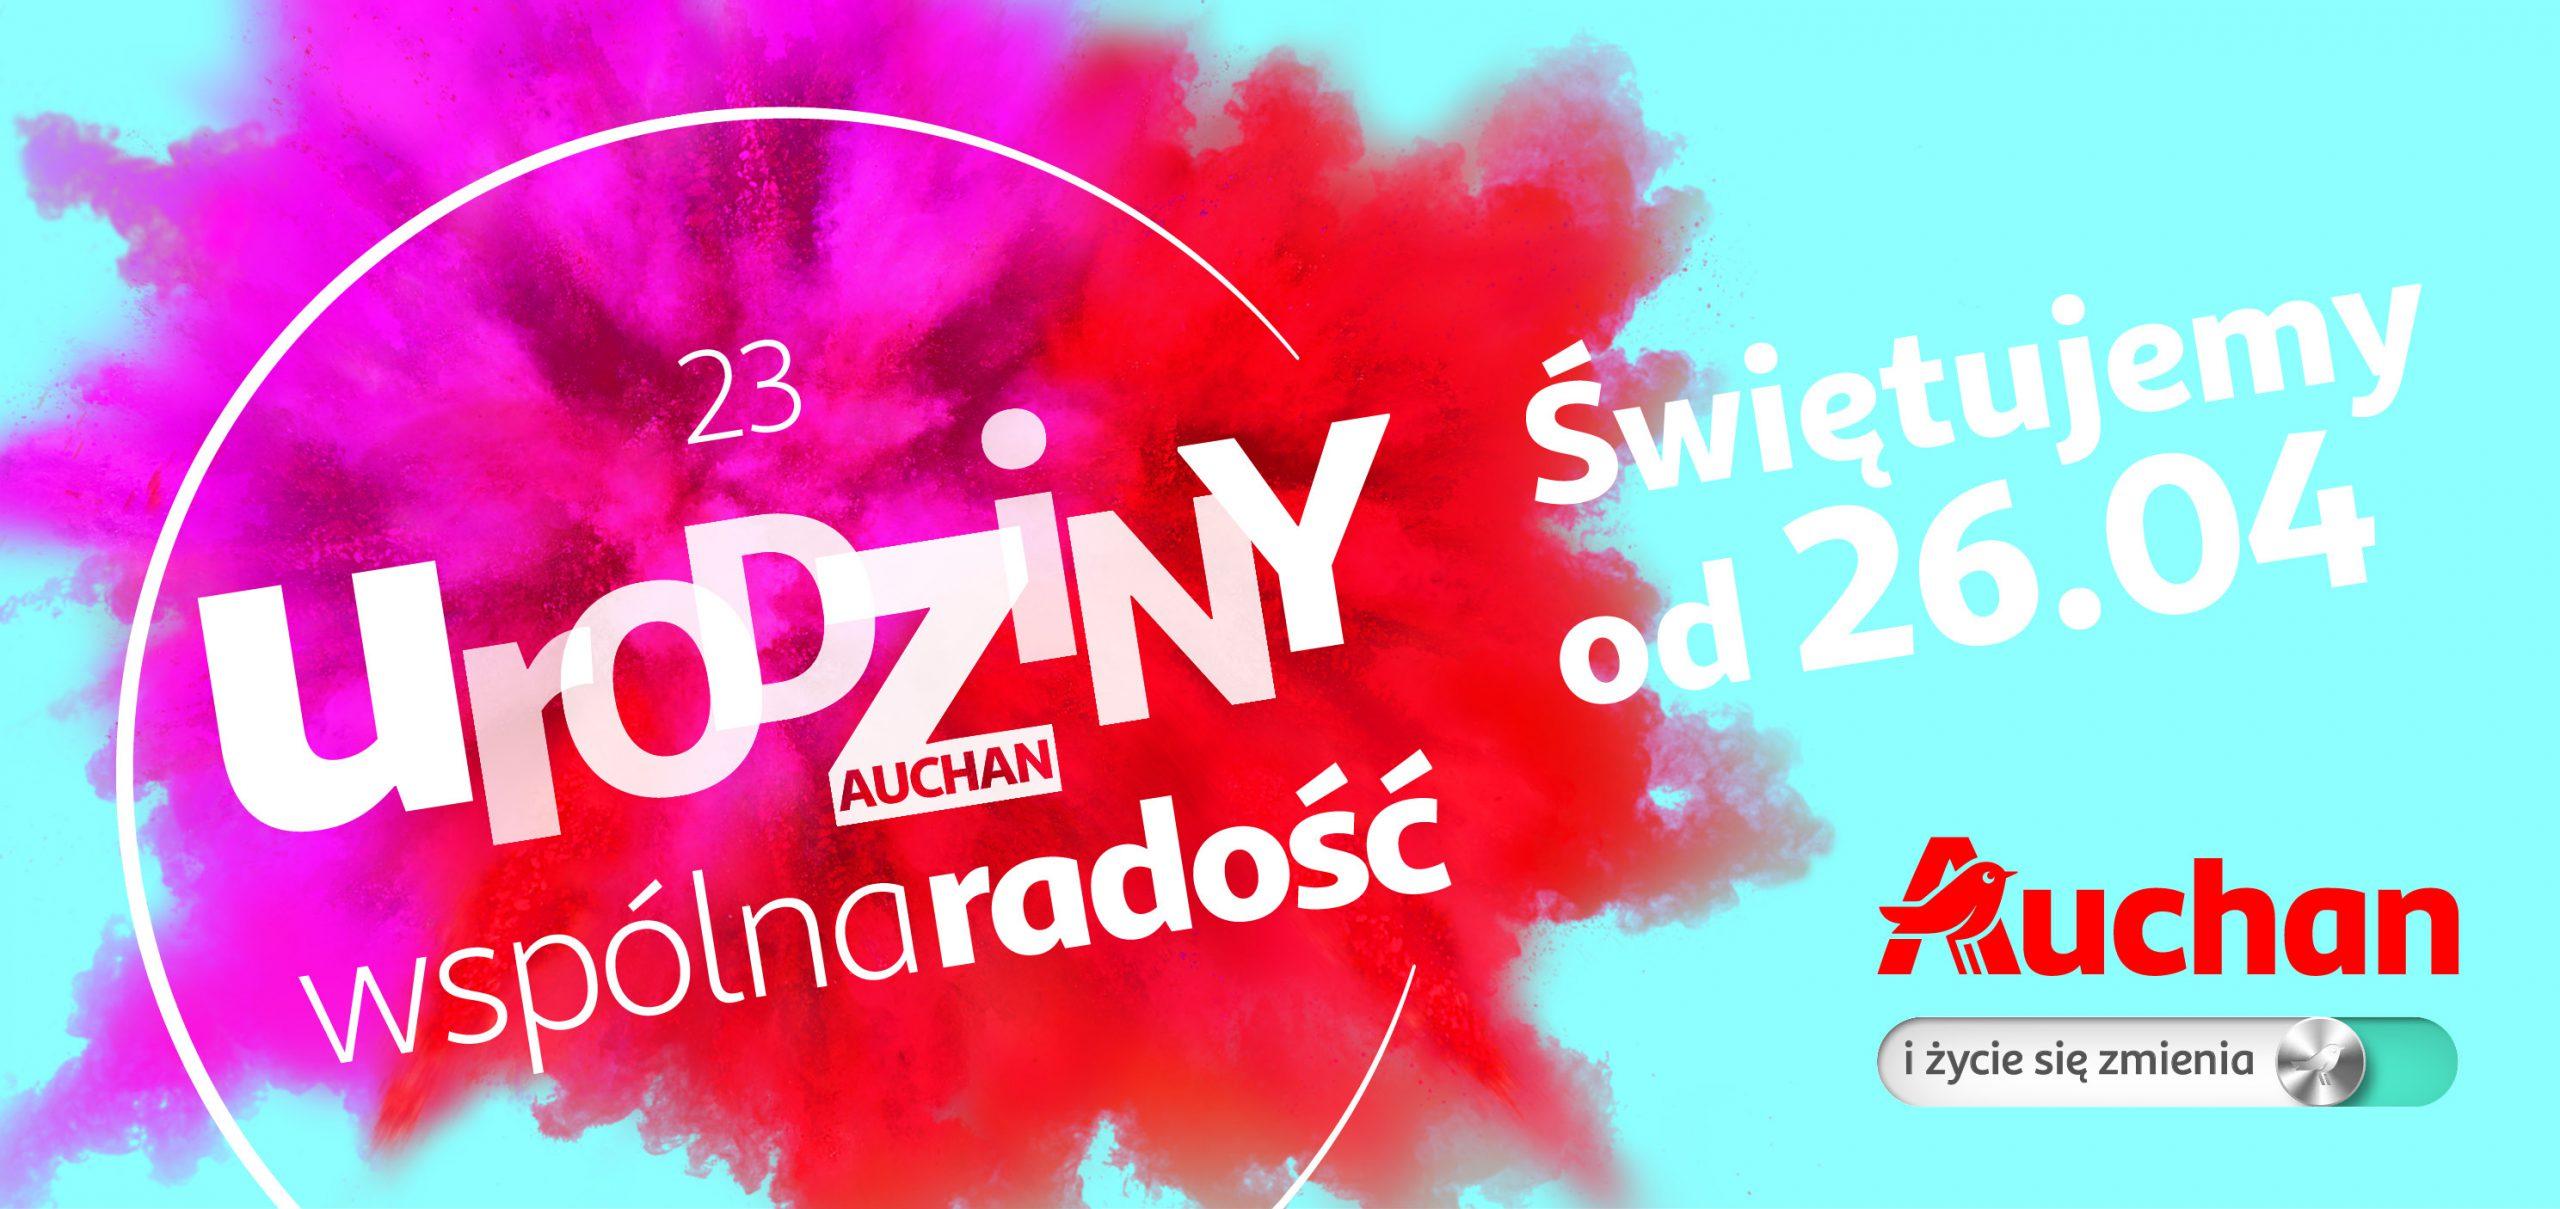 23 lata Auchan w Polsce